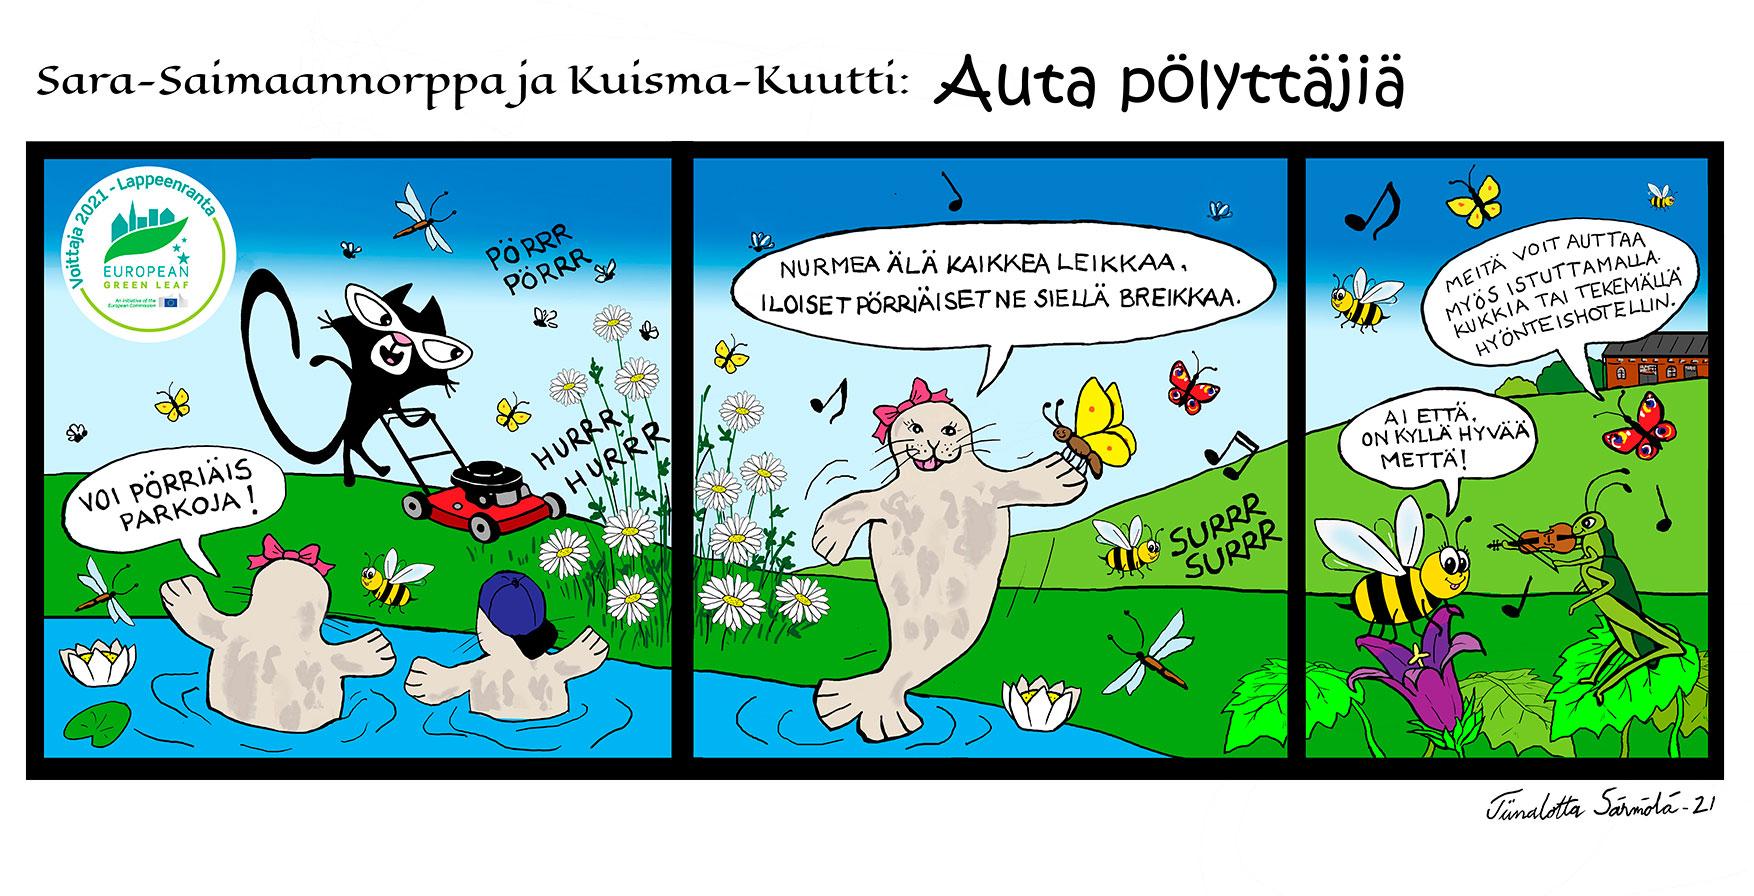 Kuva on kolmen kuvan sarjakuva nimeltä Sara-Saimaannorppa ja Kuisma-Kuutti: Auta Pölyttäjiä. Ensimmäisessä kuvassa vasempaan yläkulmaan on sijoitettu Lappeenranta European Green Leaf voittajalogo 2021 ja kuvassa Metkukissa leikkaa nurmikkoa Sara ja Kuisma ovat vedessä, josta Sara sanoo: